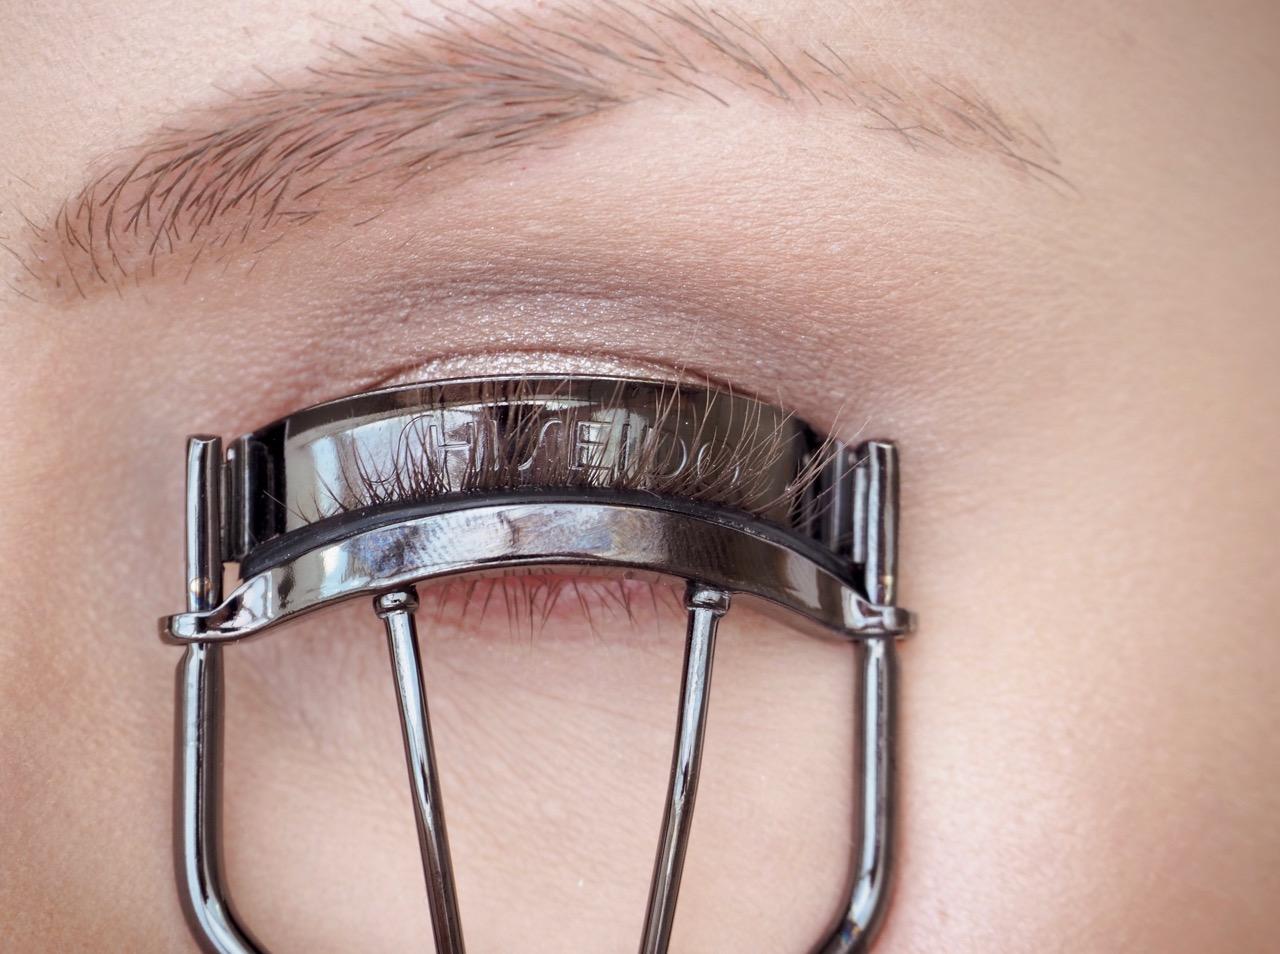 Shiseido ripsentaivutin kokemuksia parhaat ripsentaivuttimet Ostolakossa Virve Fredman